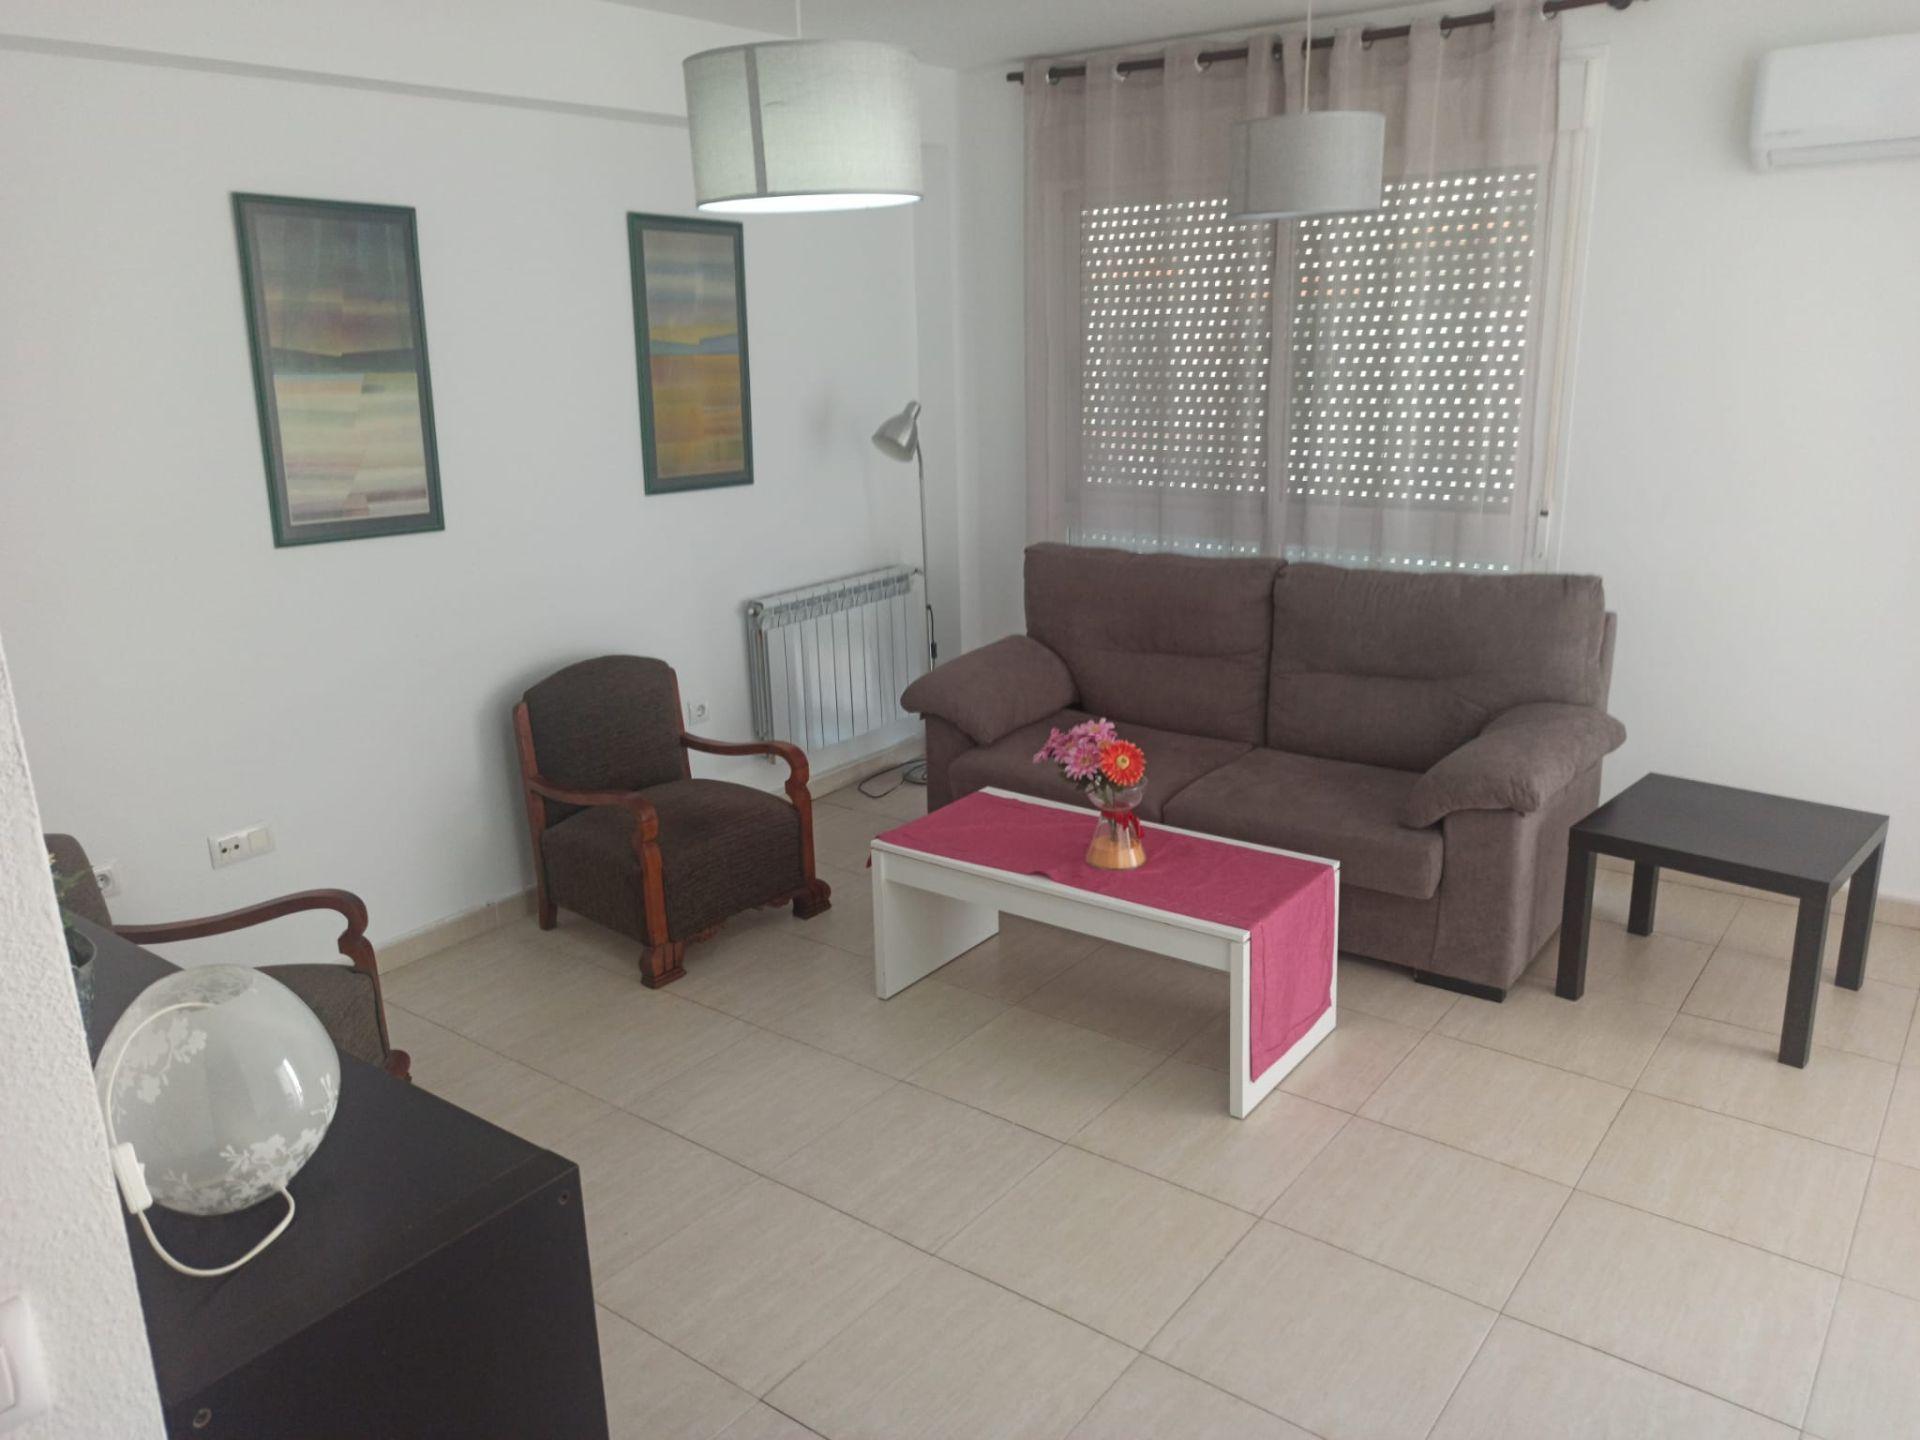 Casa adosada en Cáceres, CACERES EL VIEJO, venta